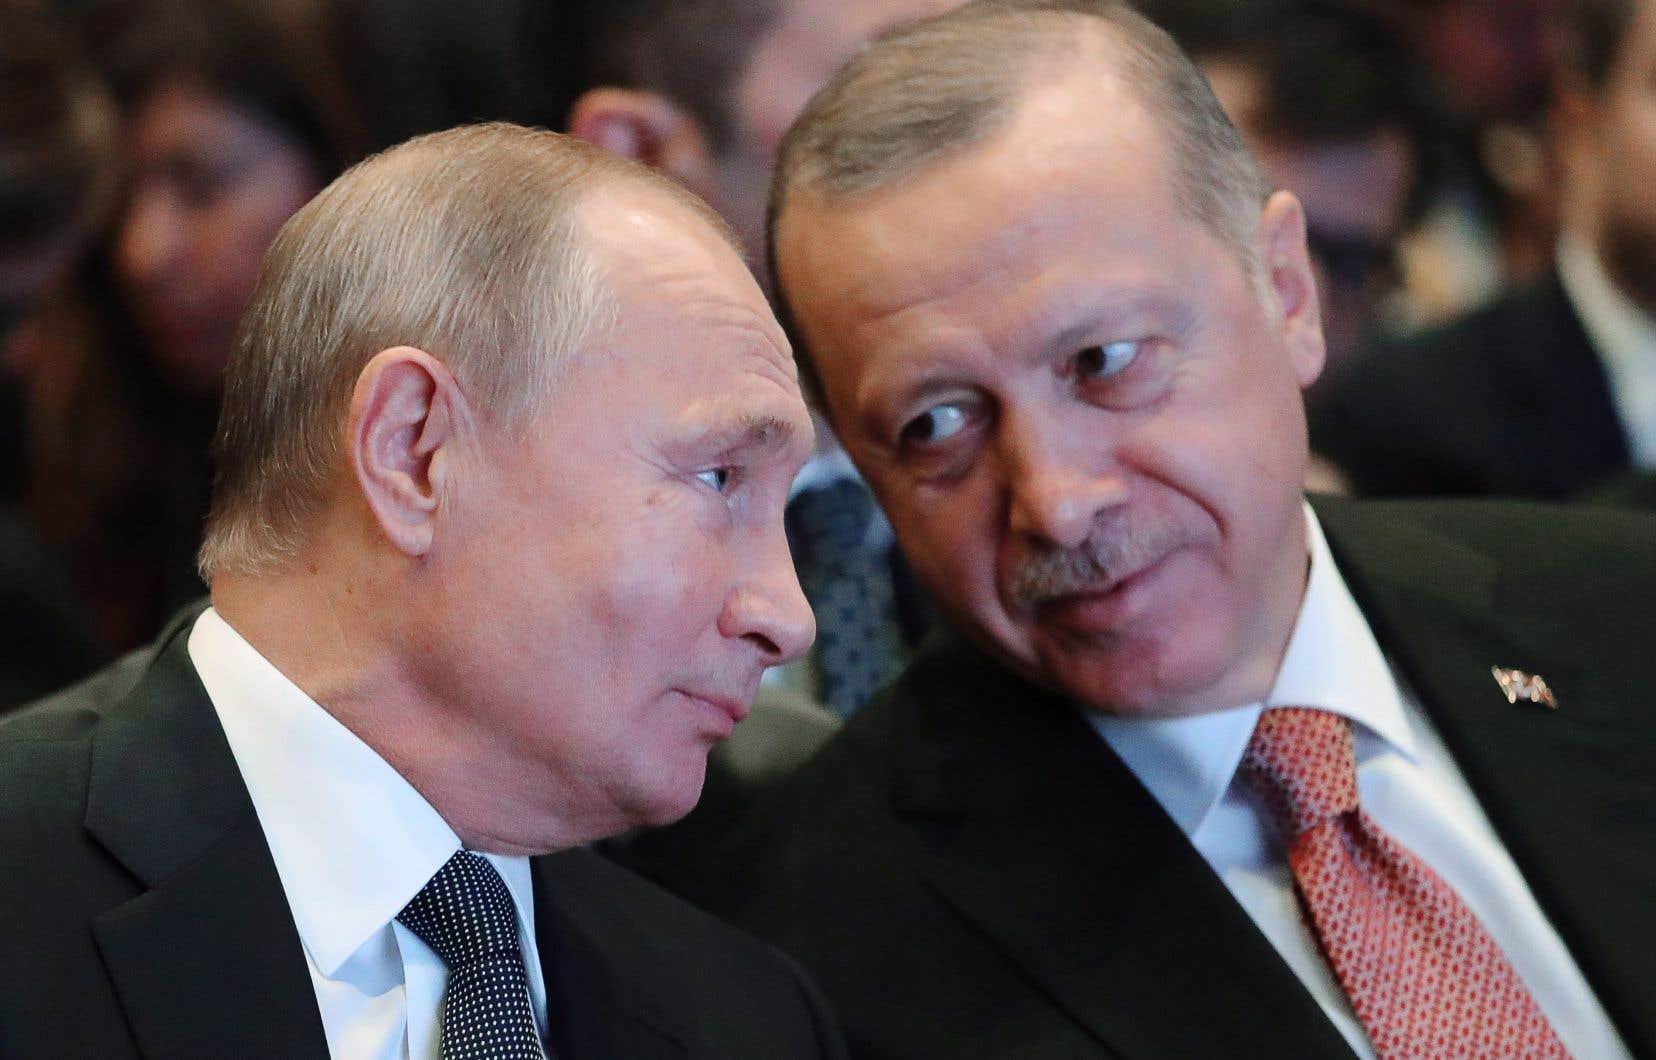 «Les régimes [de Poutine et Erdogan] sont emblématiques de la démocratie autoritaire qui a pris corps aujourd'hui dans quelques pays d'Europe et d'Amérique», analyse l'auteur.